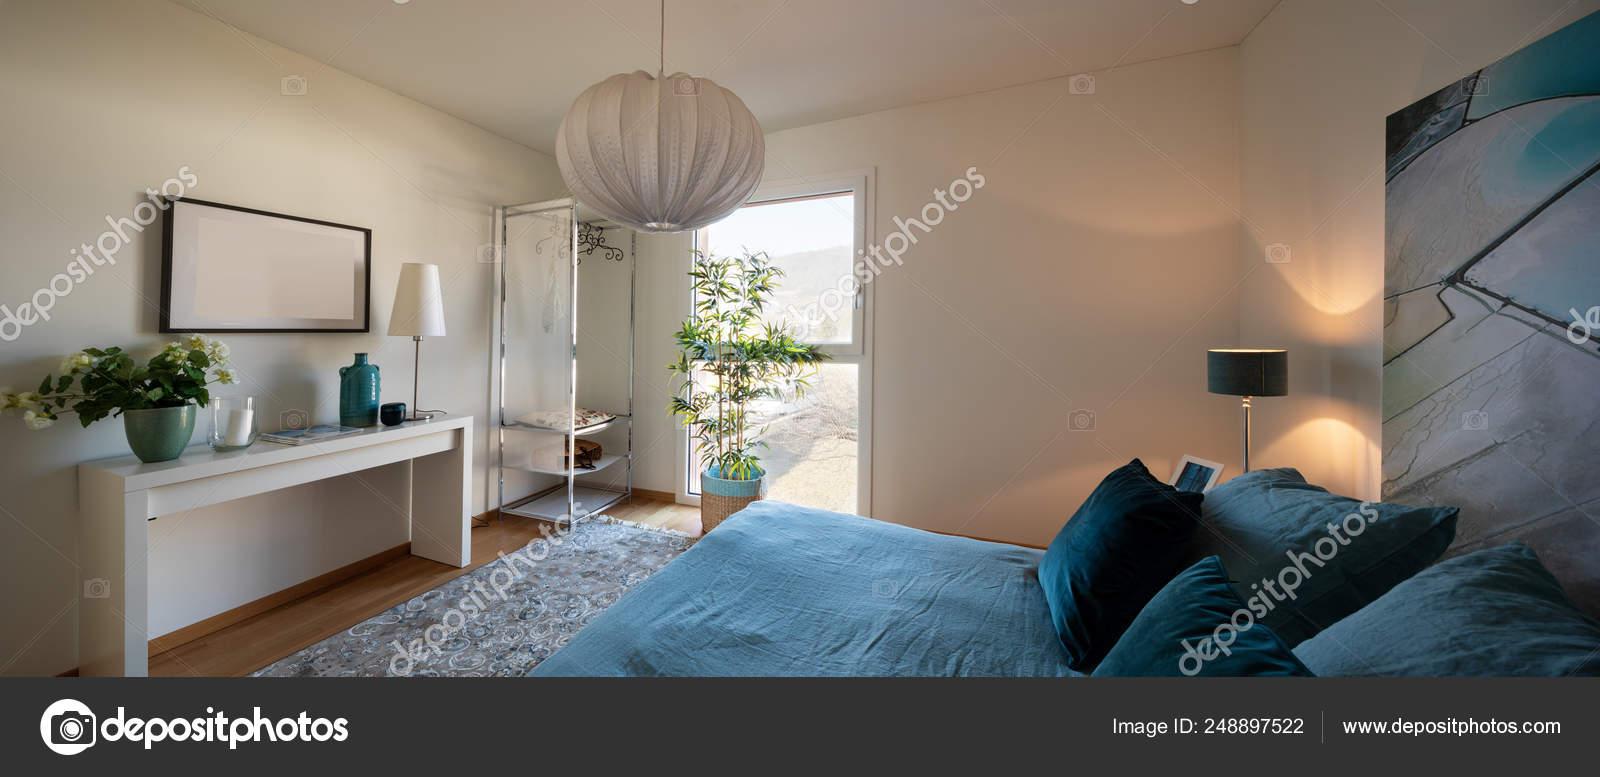 Camera Da Letto Elegante minimalista ed elegante camera da letto, letto con coperte